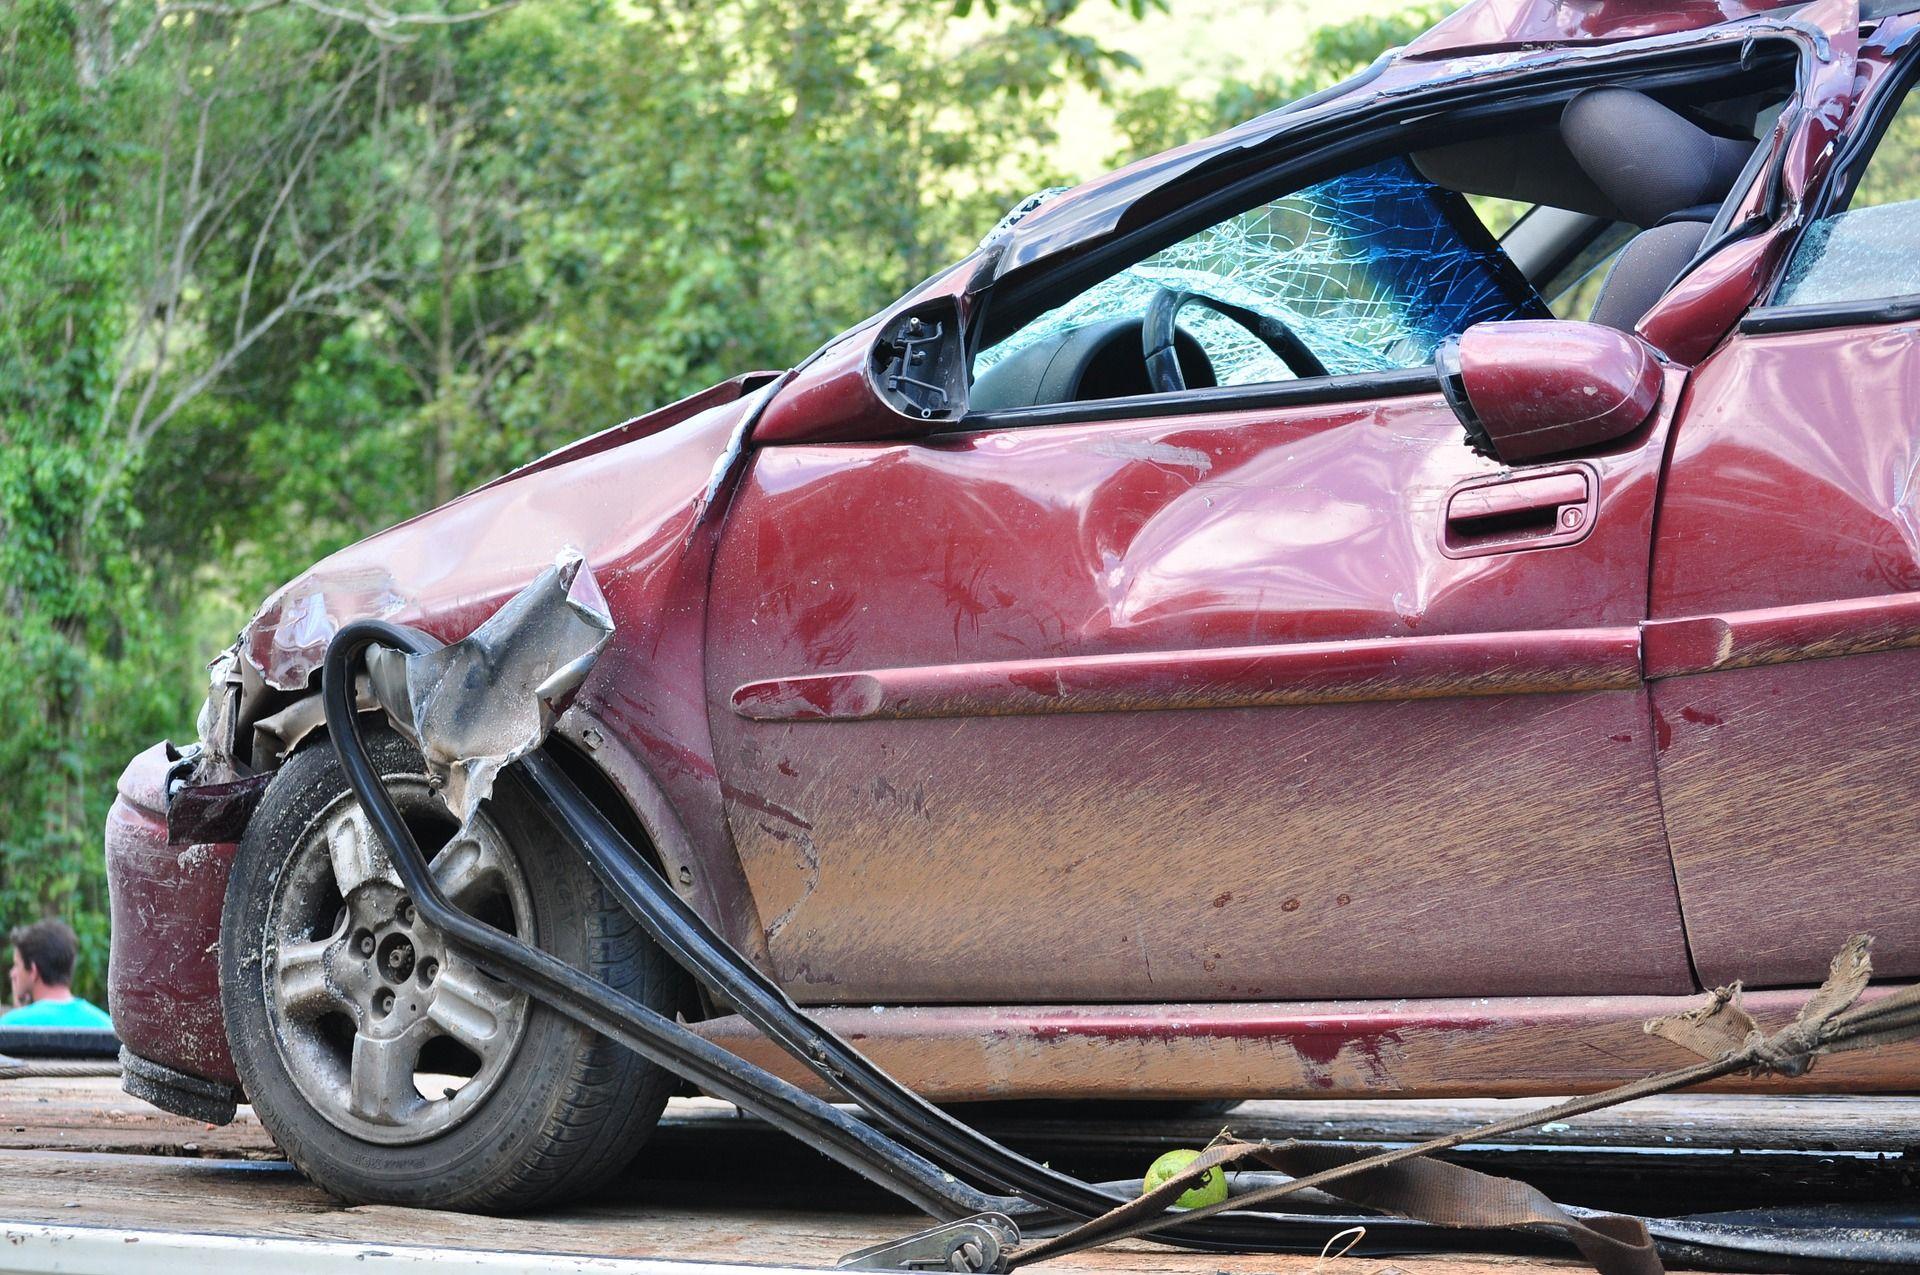 Accidente de coche.Accidente de coche